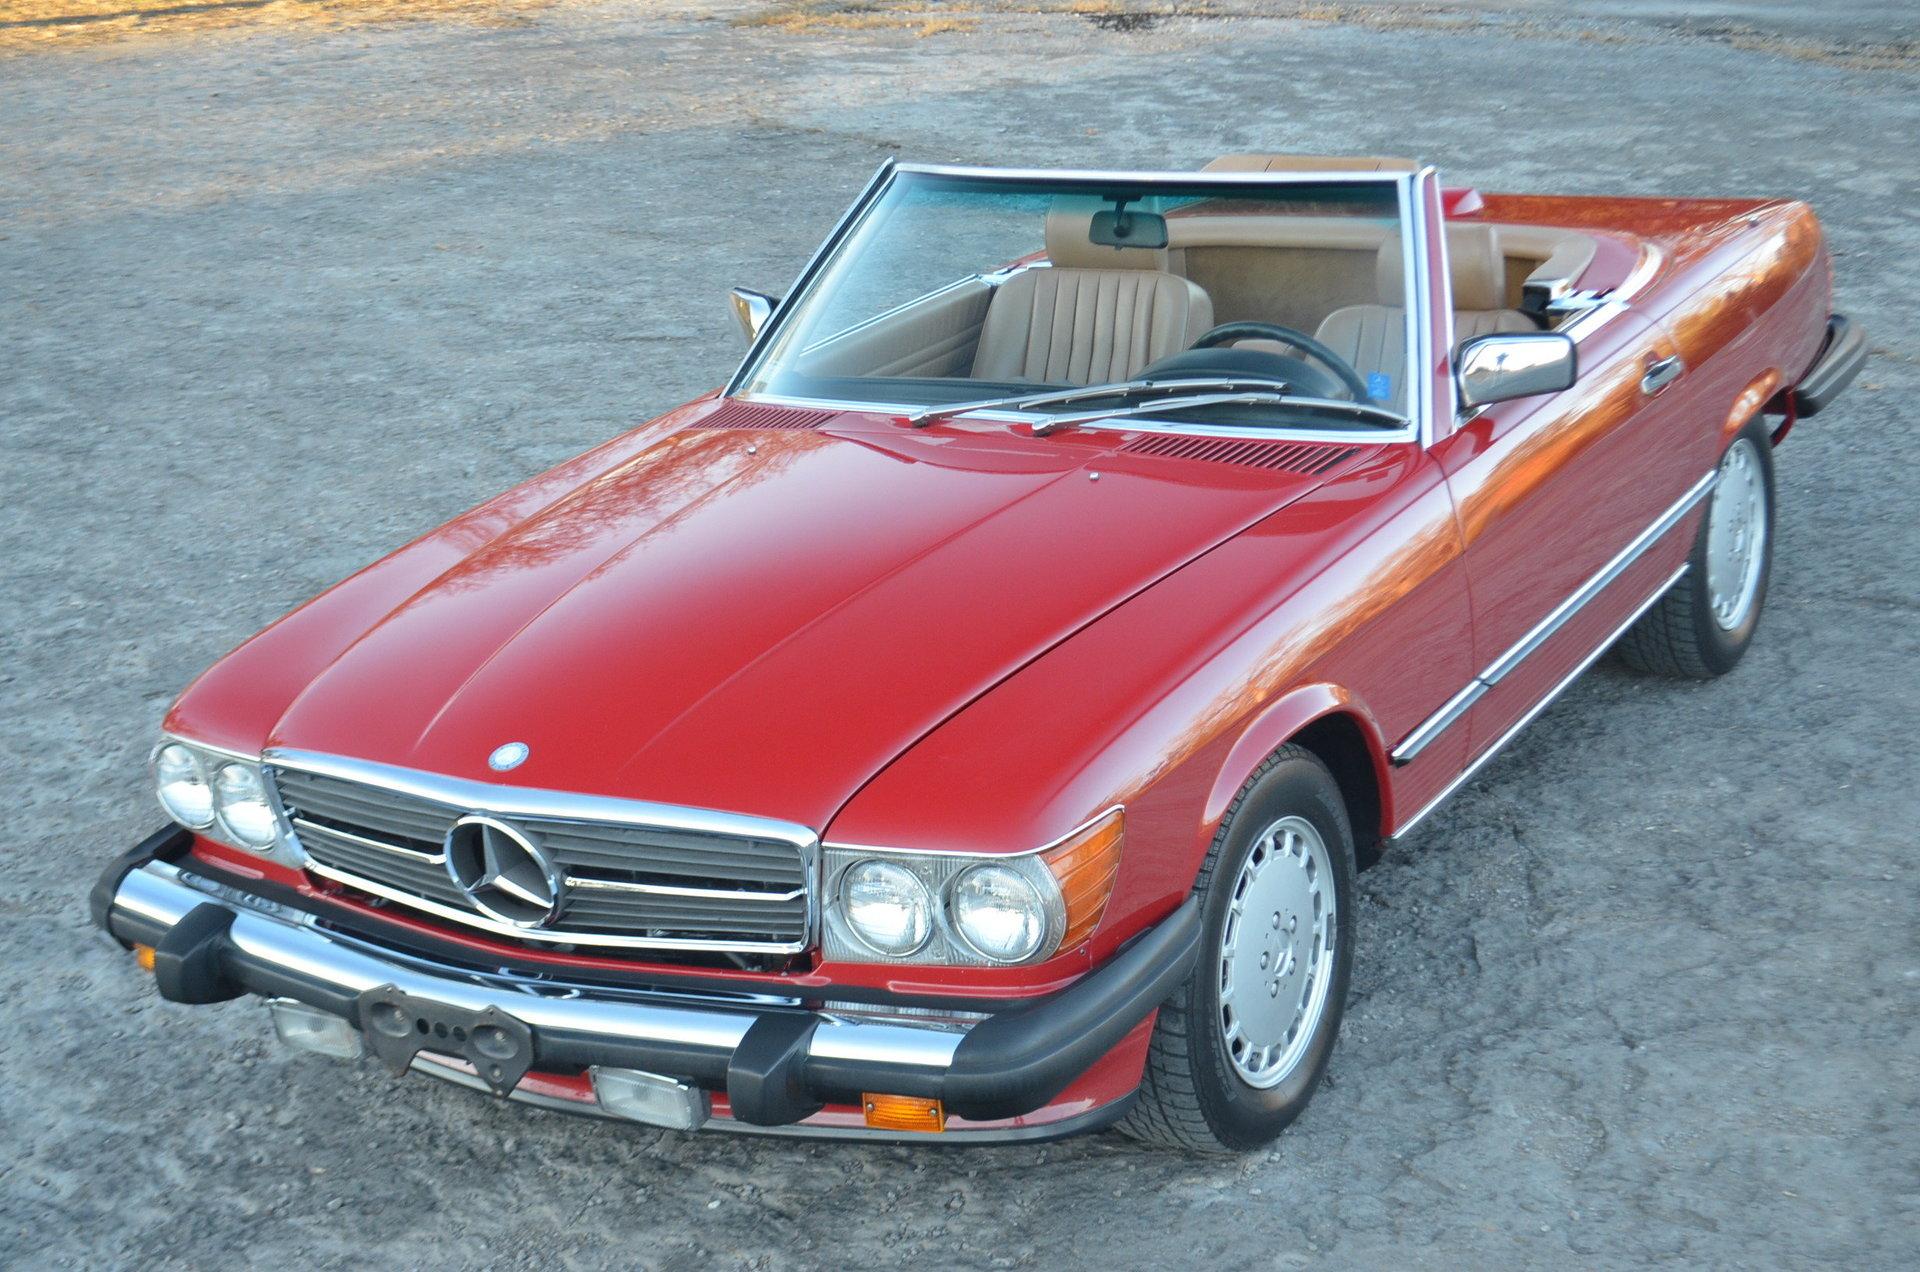 1589630461d6 hd 1987 jaguar xjs